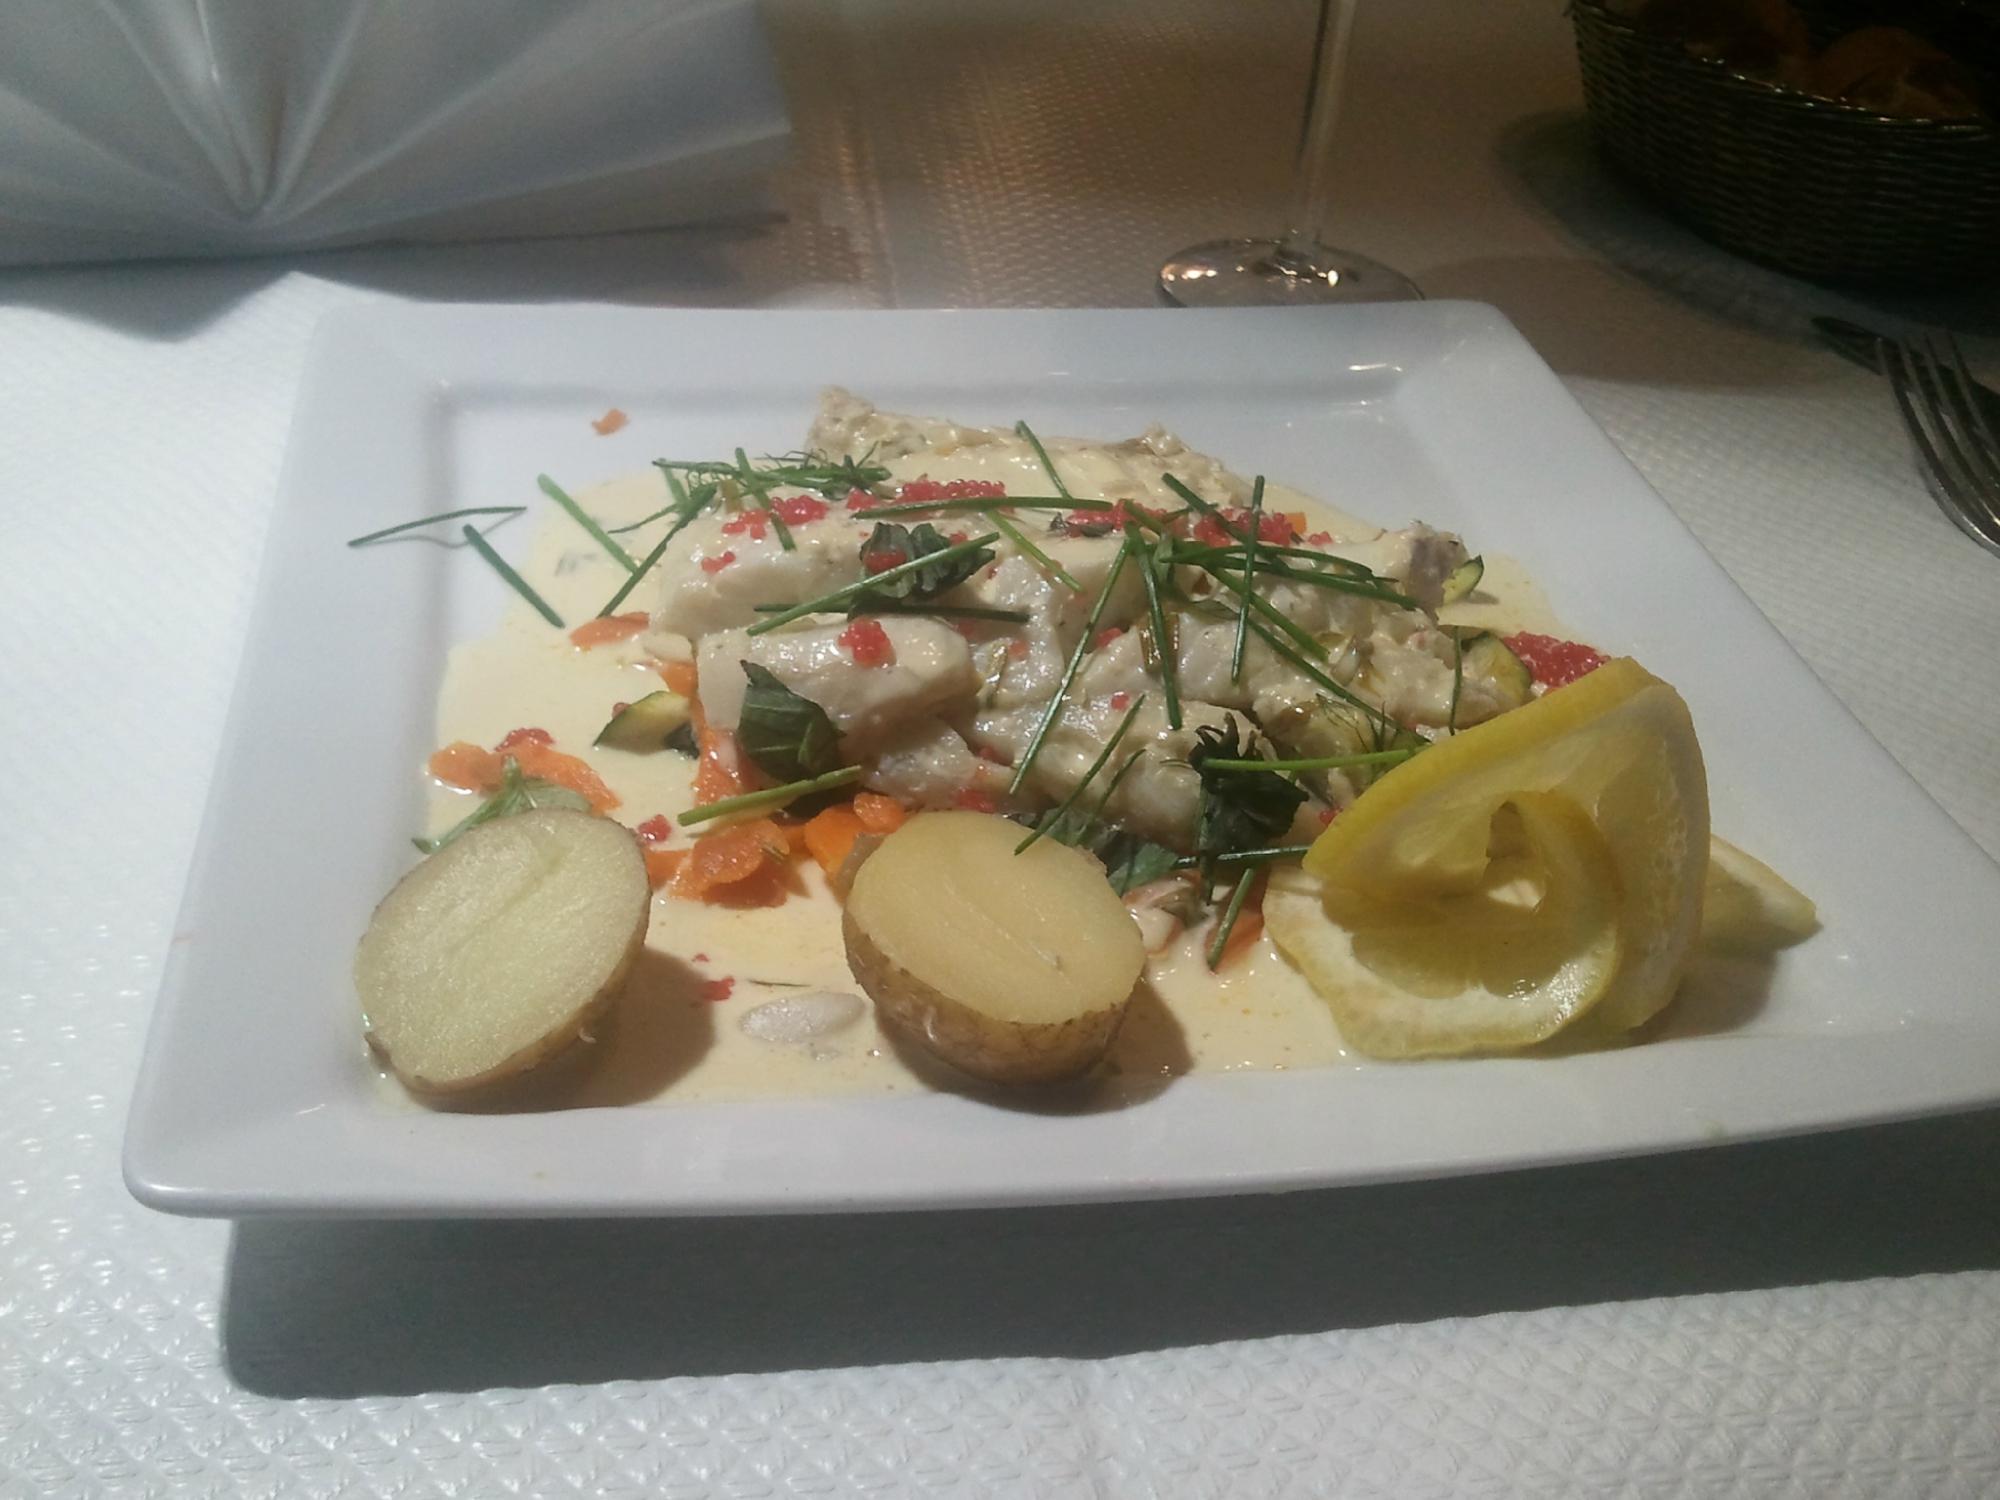 La salle a manger paris 24 boulevard pasteur for Restaurant salle a manger